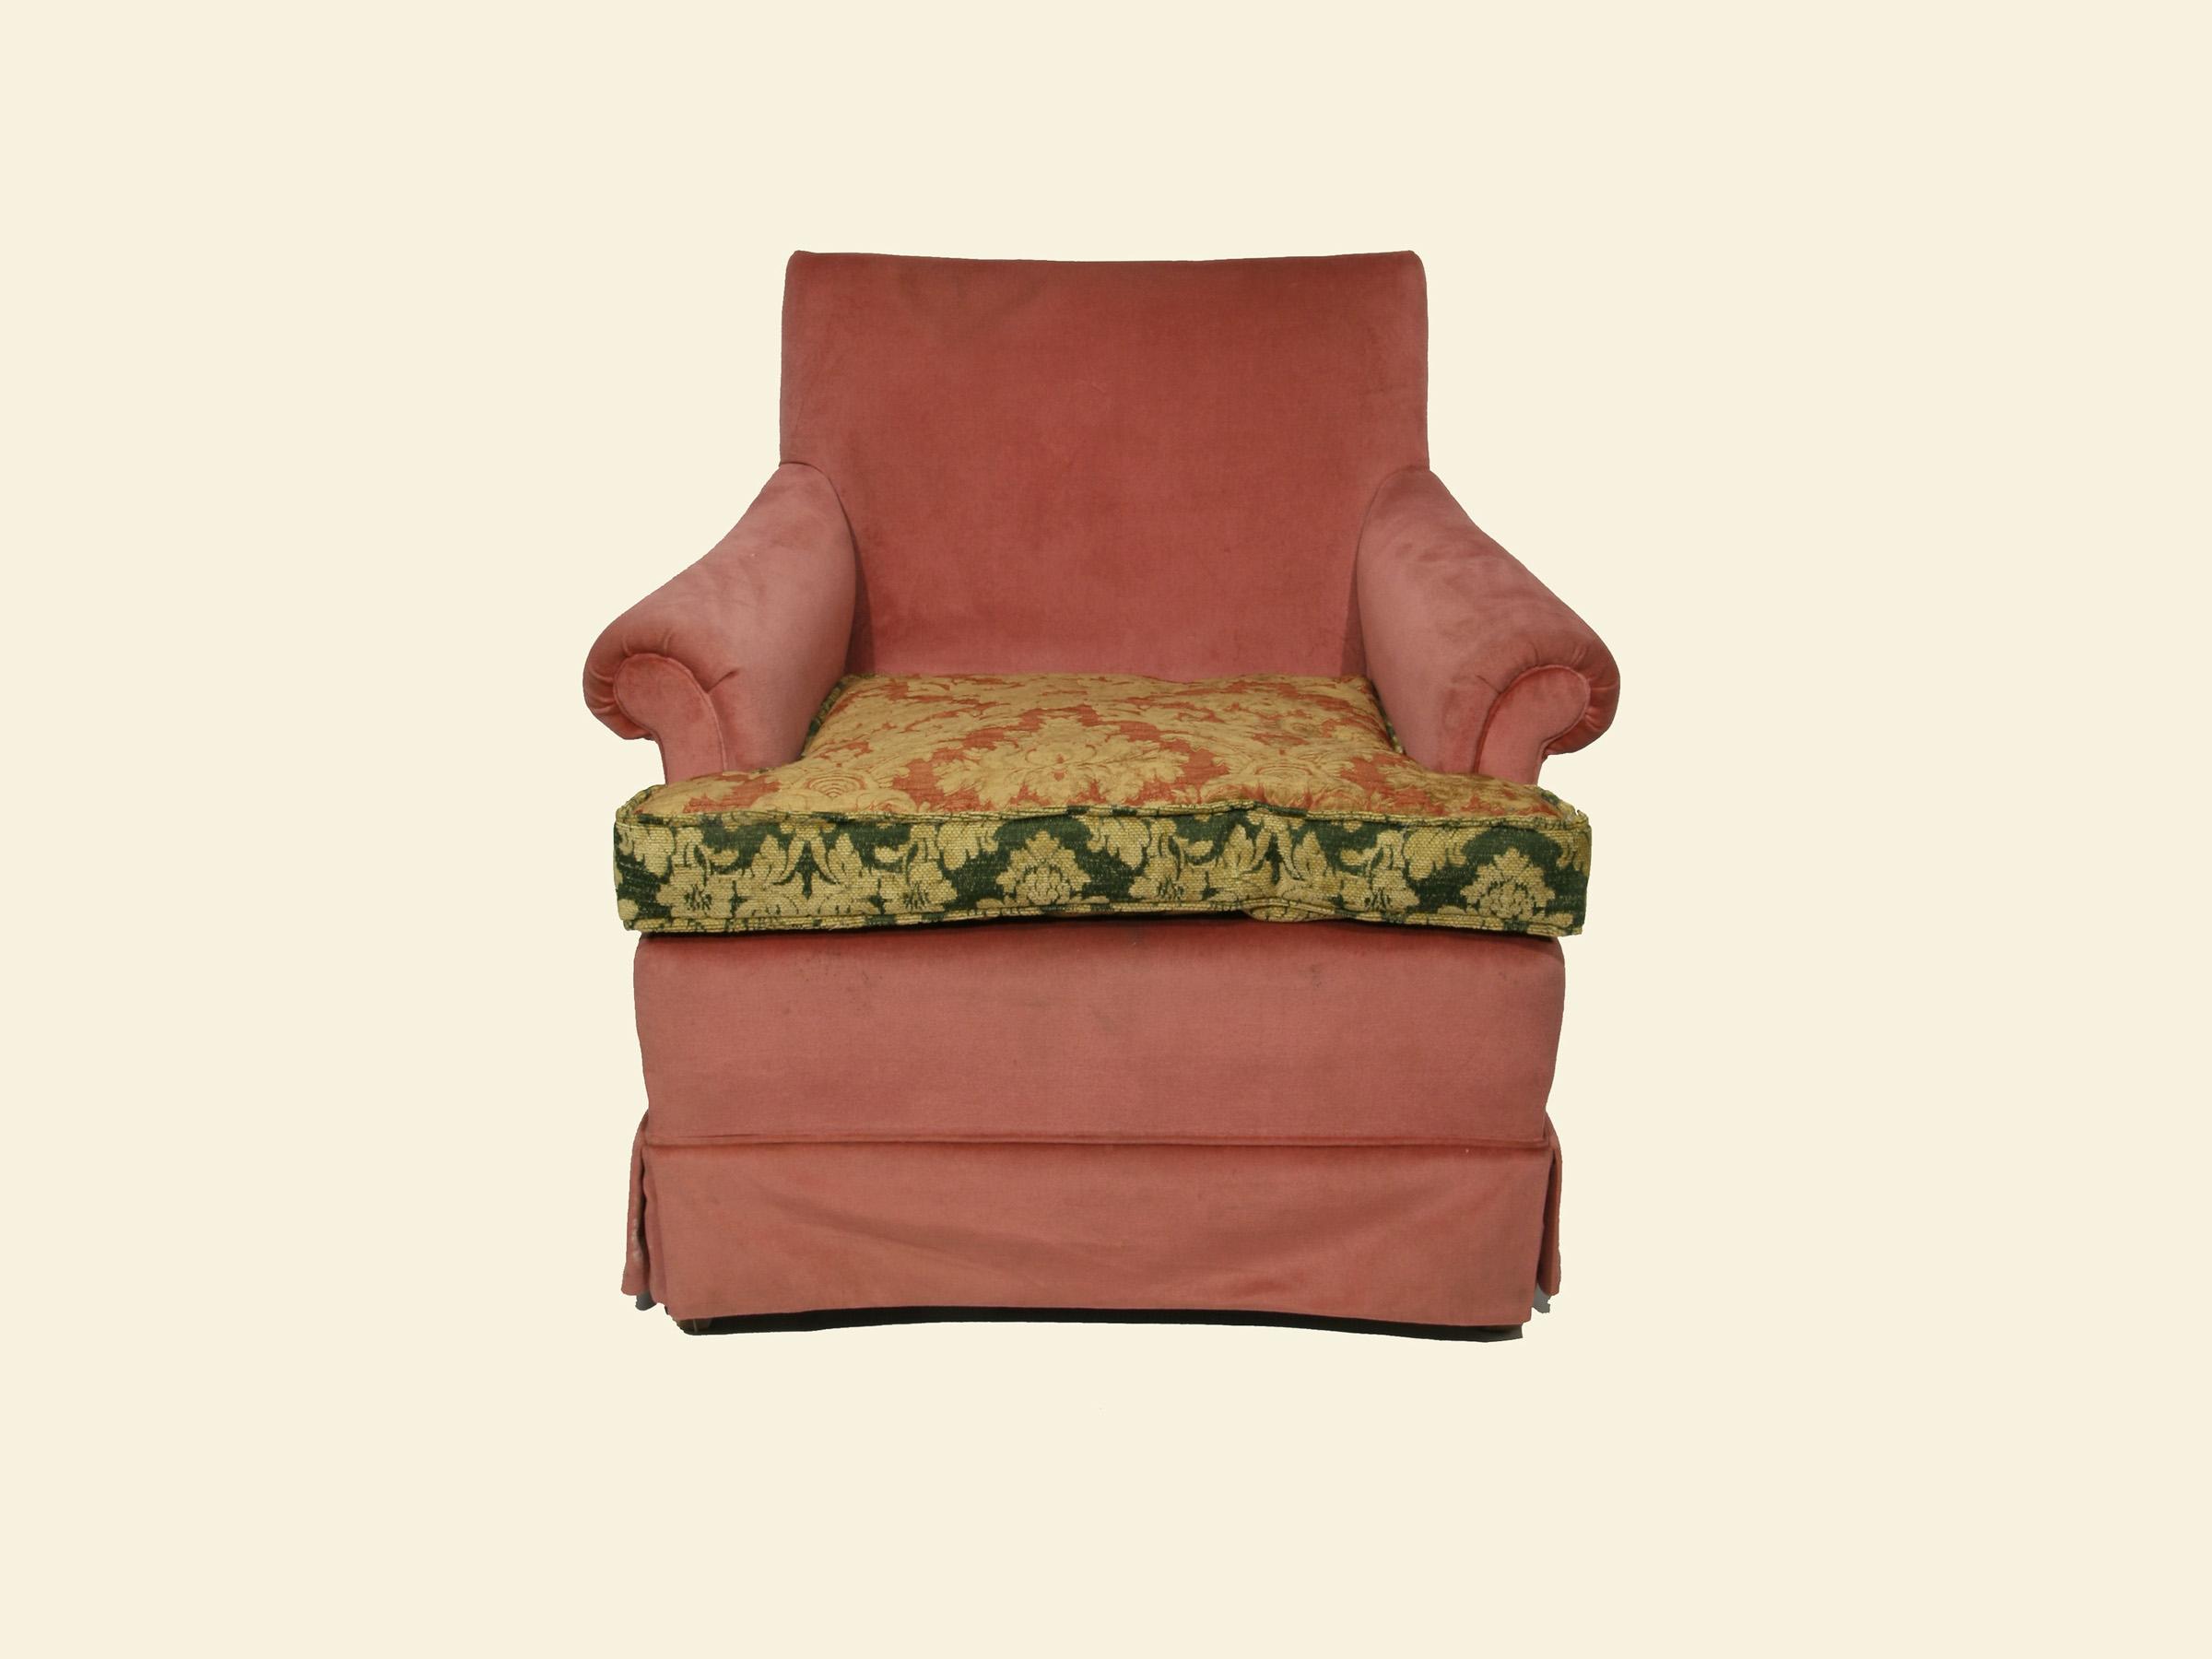 ffixed pink armchair orange cushion.jpg